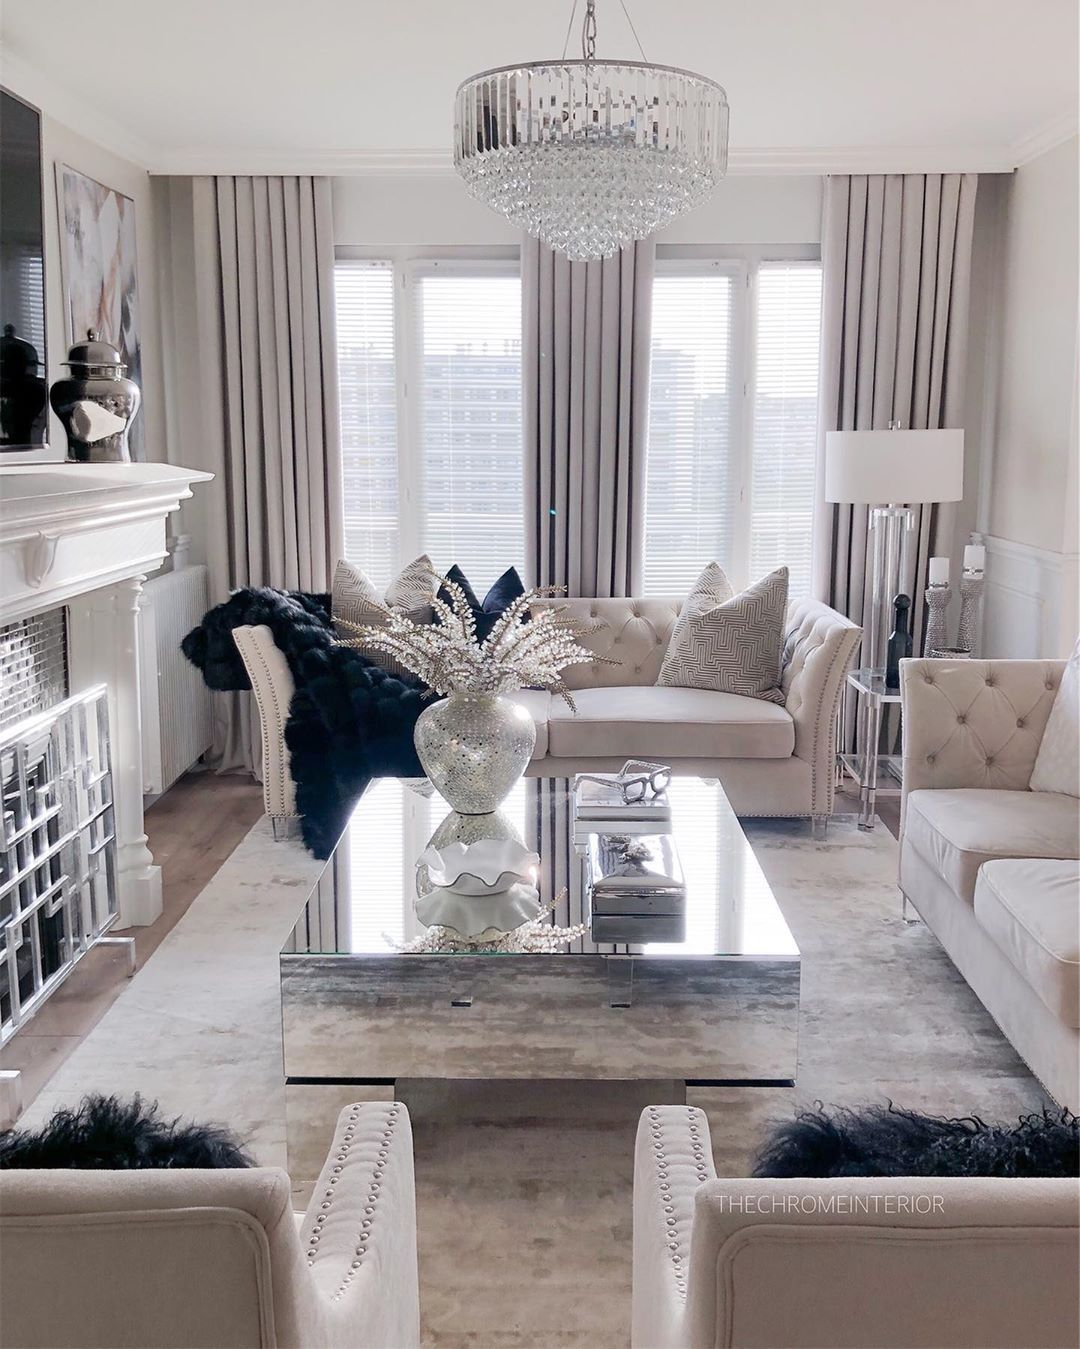 Glam Wohnzimmer mit gespiegeltem modernen Couchtisch via @thechromeinterior